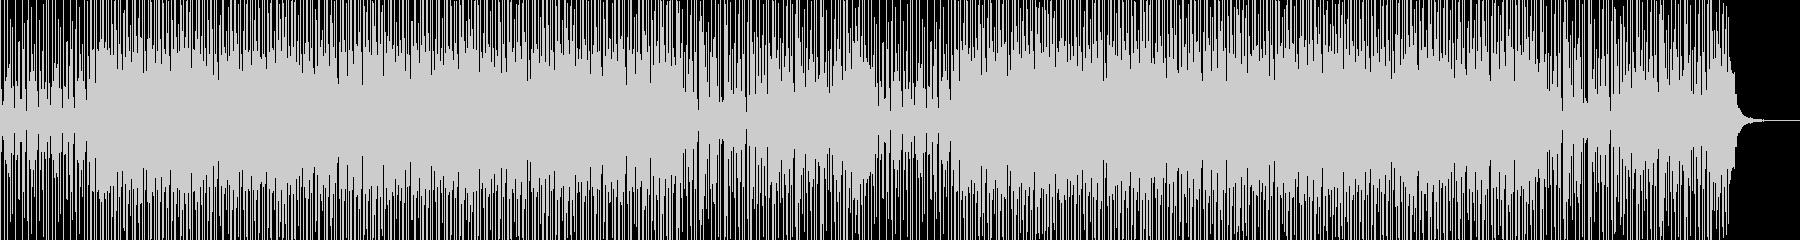 ノリのいいスラップベース ファンクの未再生の波形